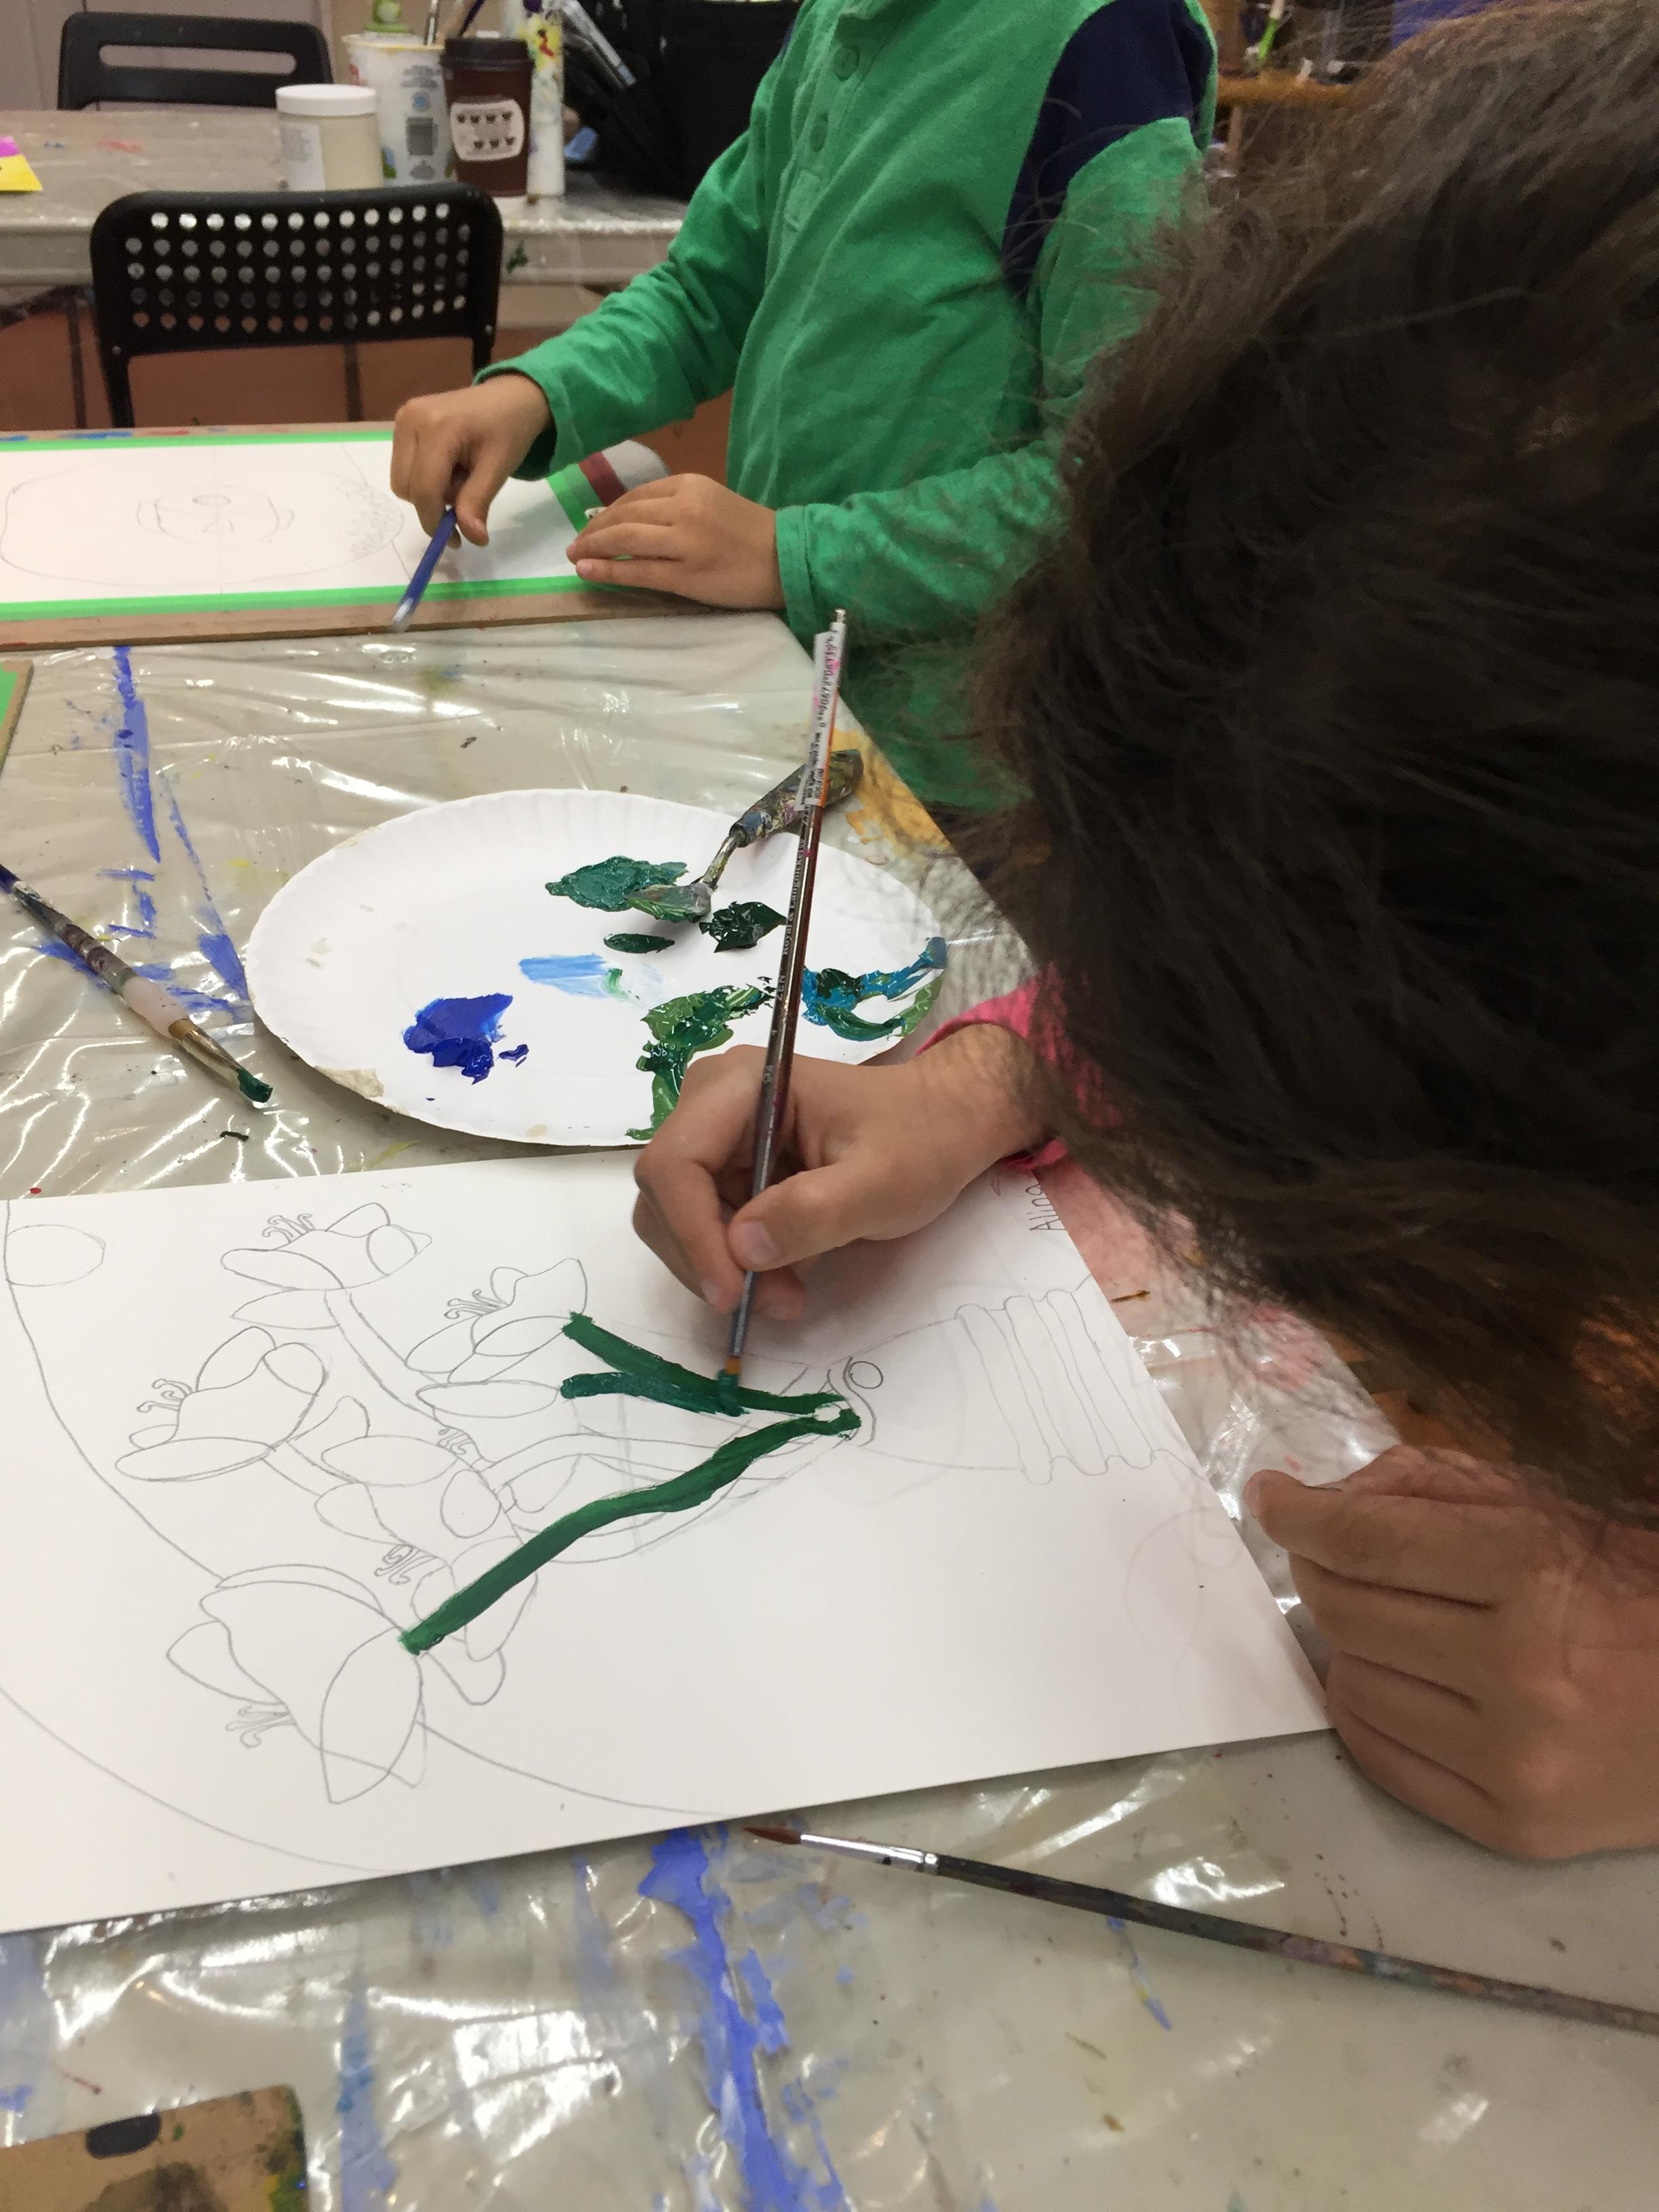 art camp art class summer camp kids art lesson confidante kids self steeme